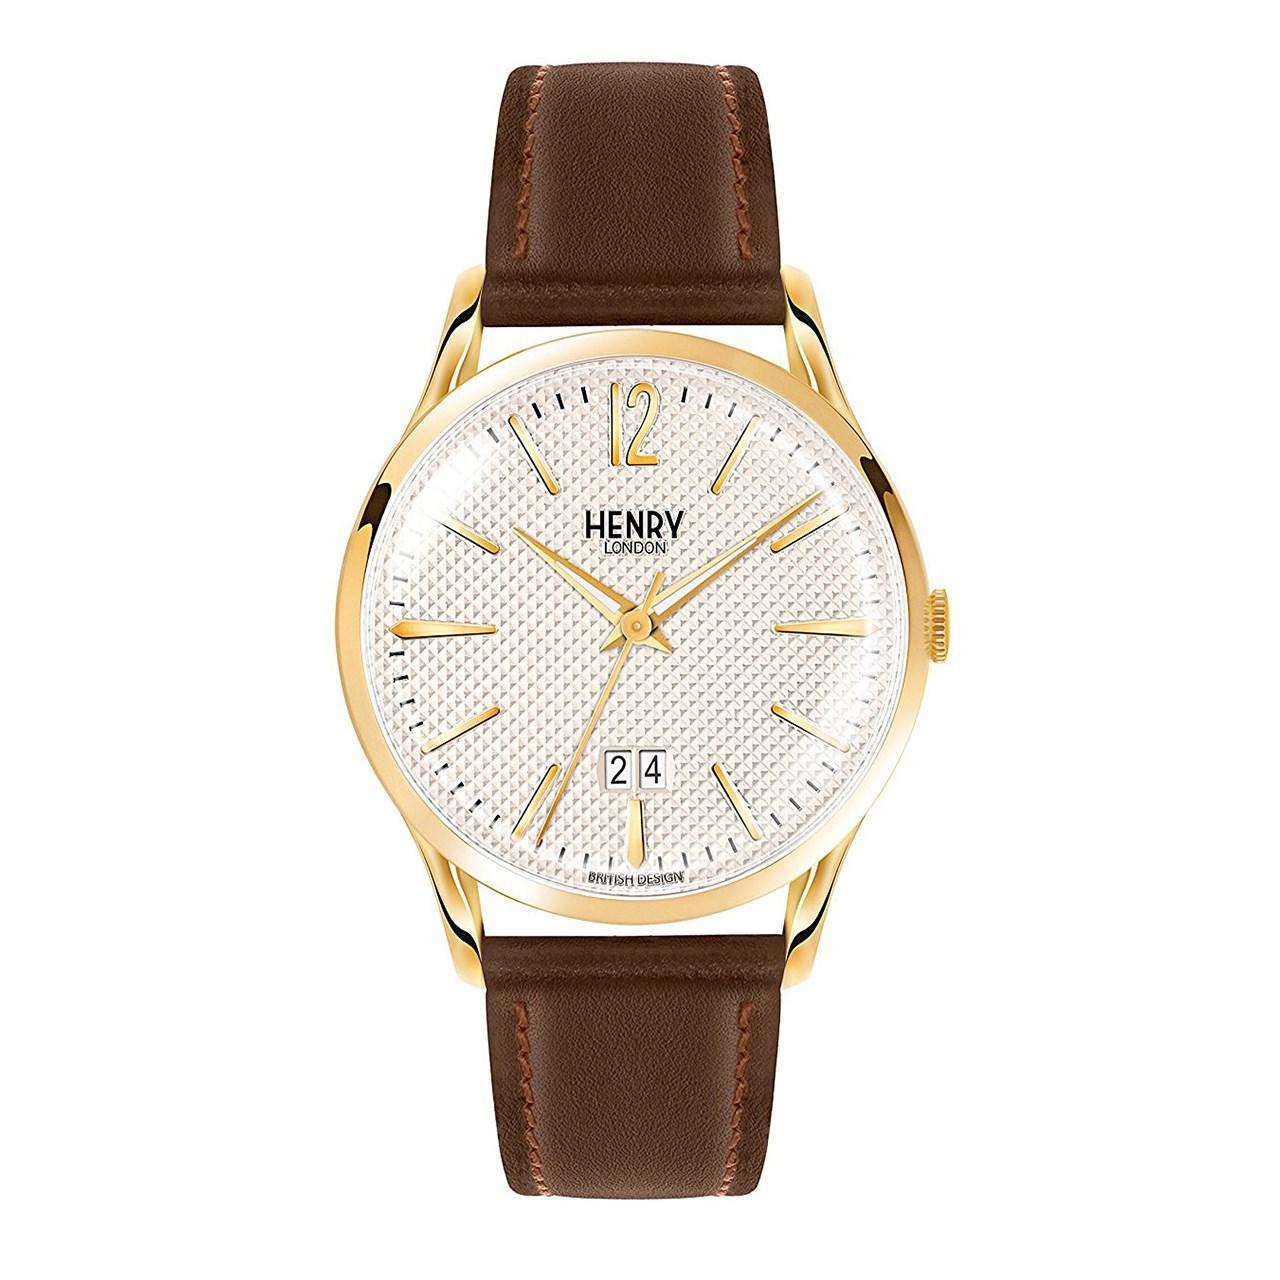 ساعت مچی عقربه ای هنری لندن مدل Hl41-js-0016